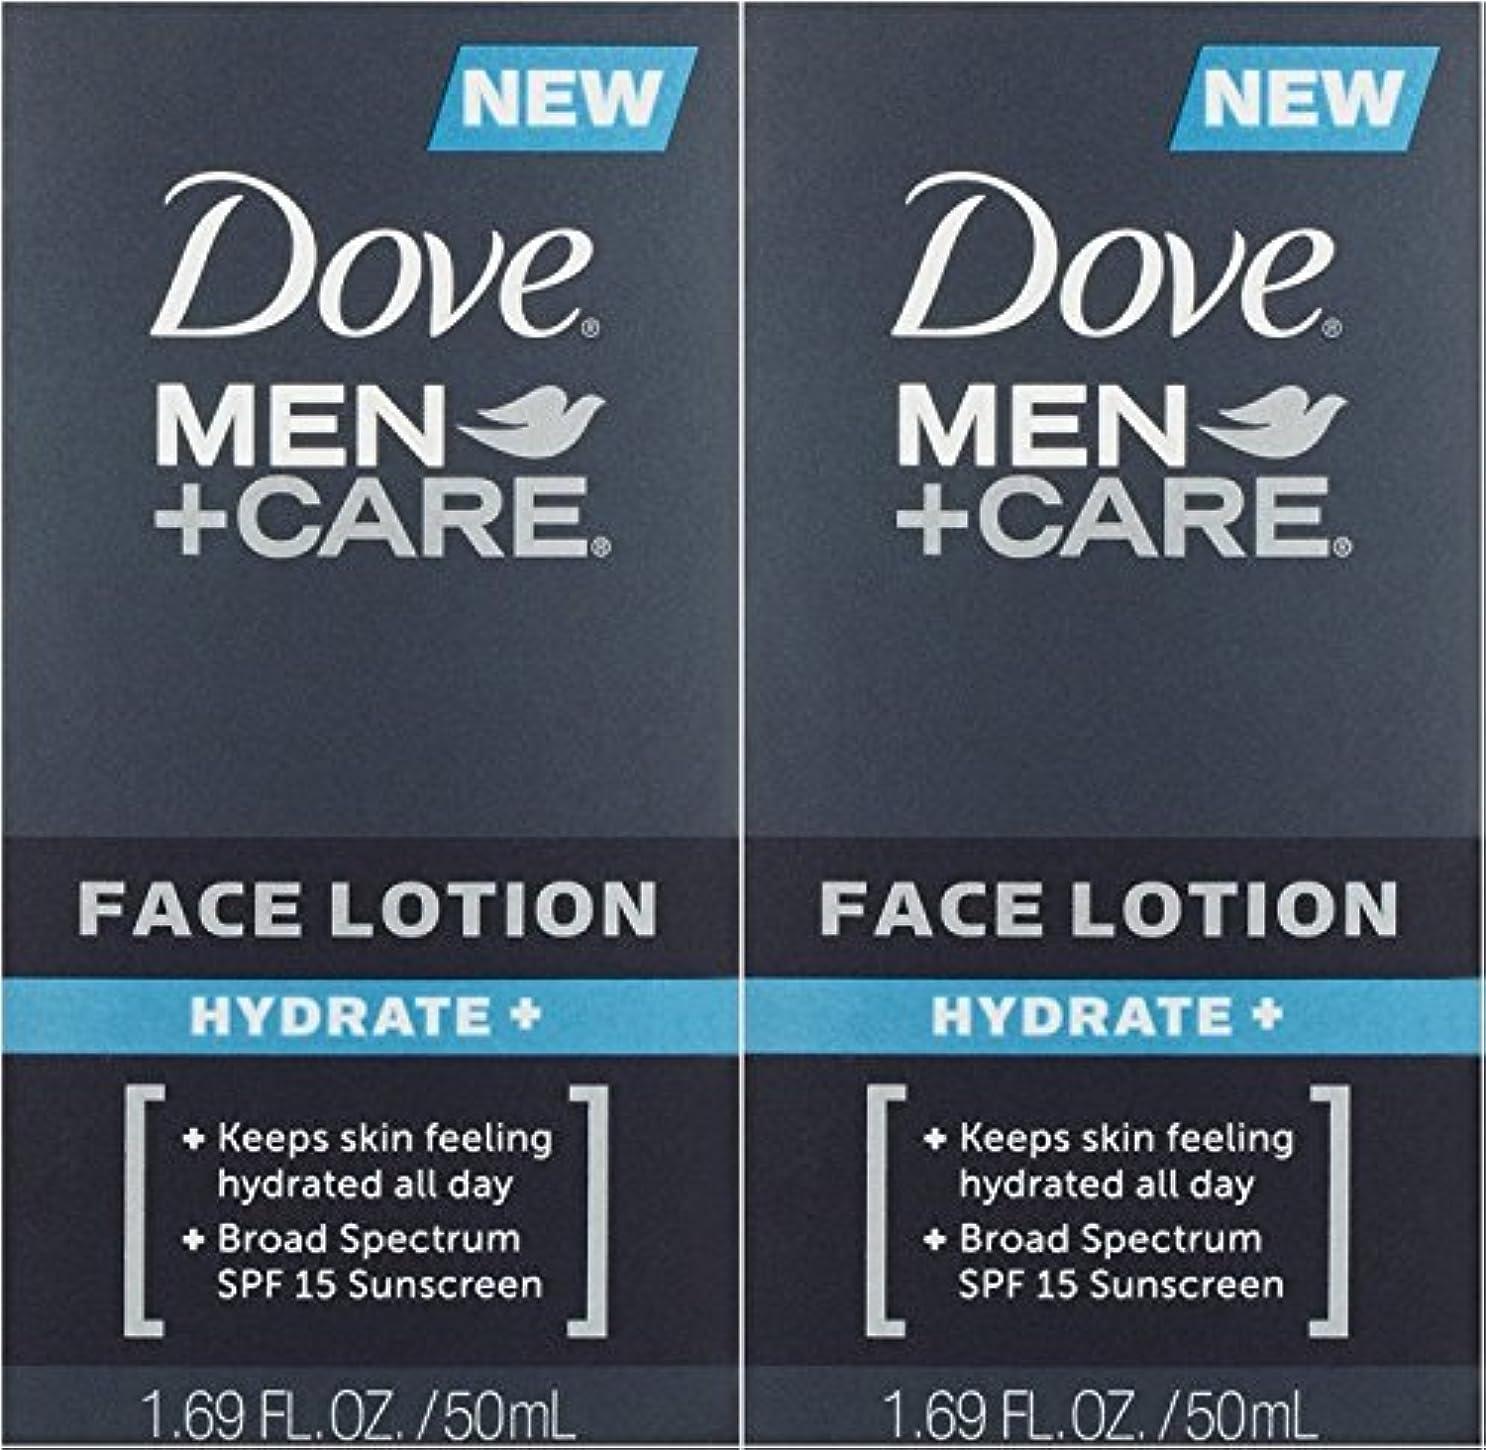 車両まばたき署名【アメリカ発送】 Dove Men+Care Face Lotion, Hydrate+ 1.69 oz ダブ 男性用 フェイスローション 潤い SPF 15 50ml